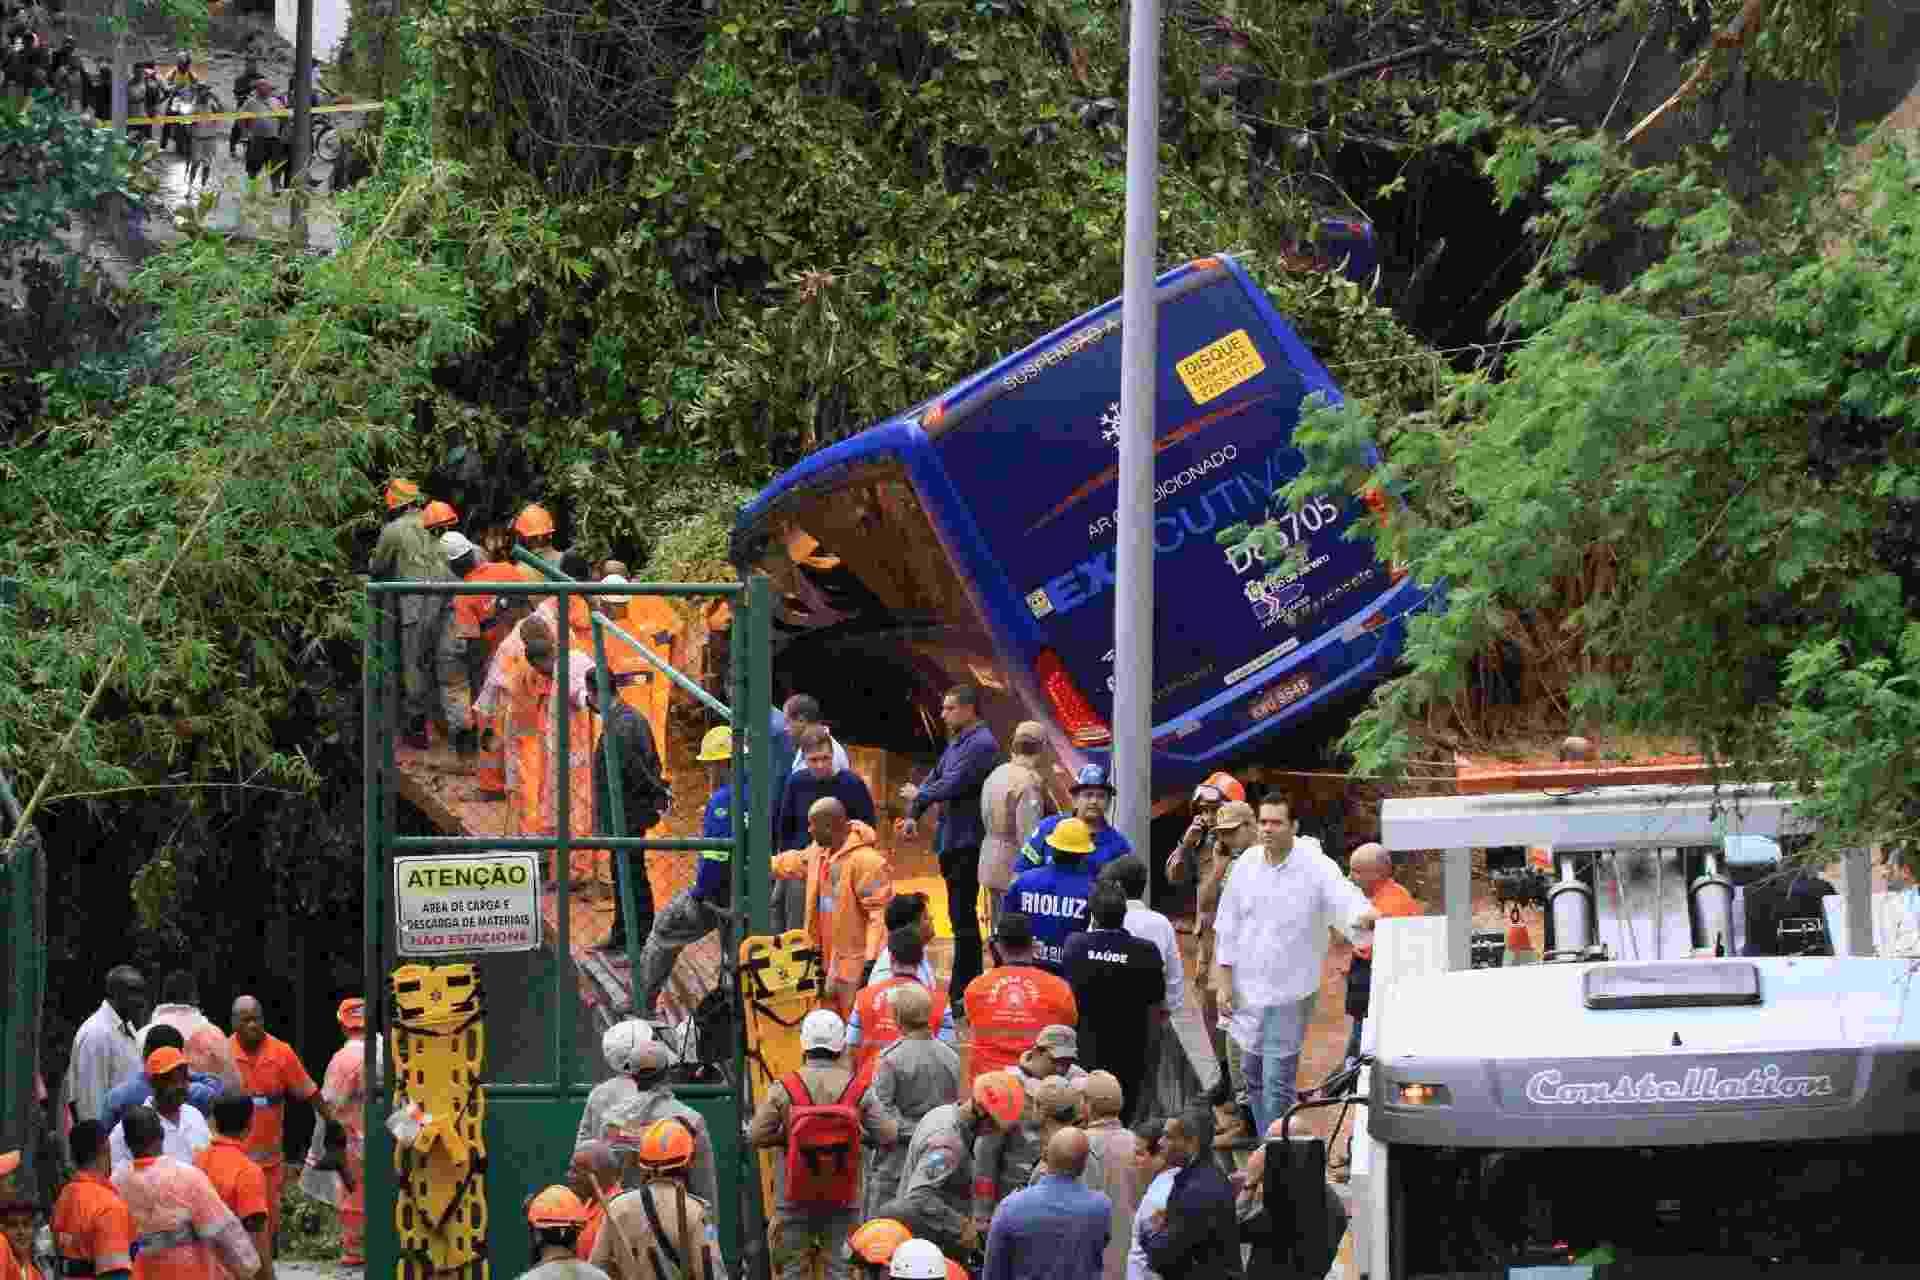 7.fev.2019 - O deslizamento de pedras, lama e árvores atingiu um ônibus que trafegava na avenida Niemeyer, que liga o Leblon a São Conrado e é uma das principais vias de acesso entre as zonas sul e oeste. O motorista do veículo ficou ferido, mas foi retirado com vida - Jose Lucena/Futura Press/Estadão Conteúdo